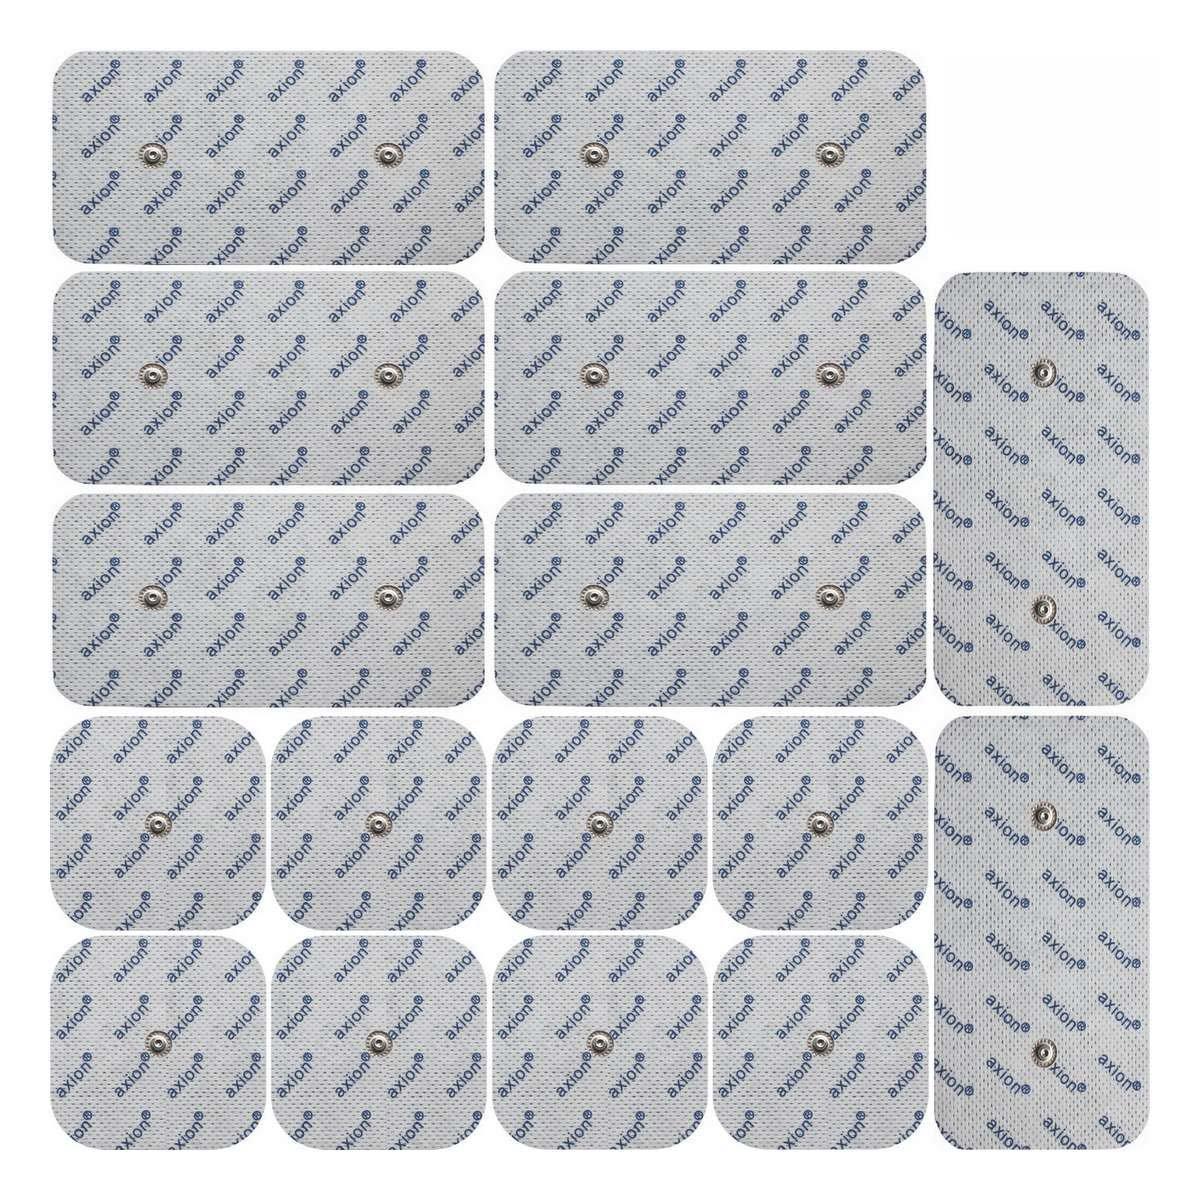 electrodos para Compex TENS EMS xmm  xmm  Almohadillas conexión de